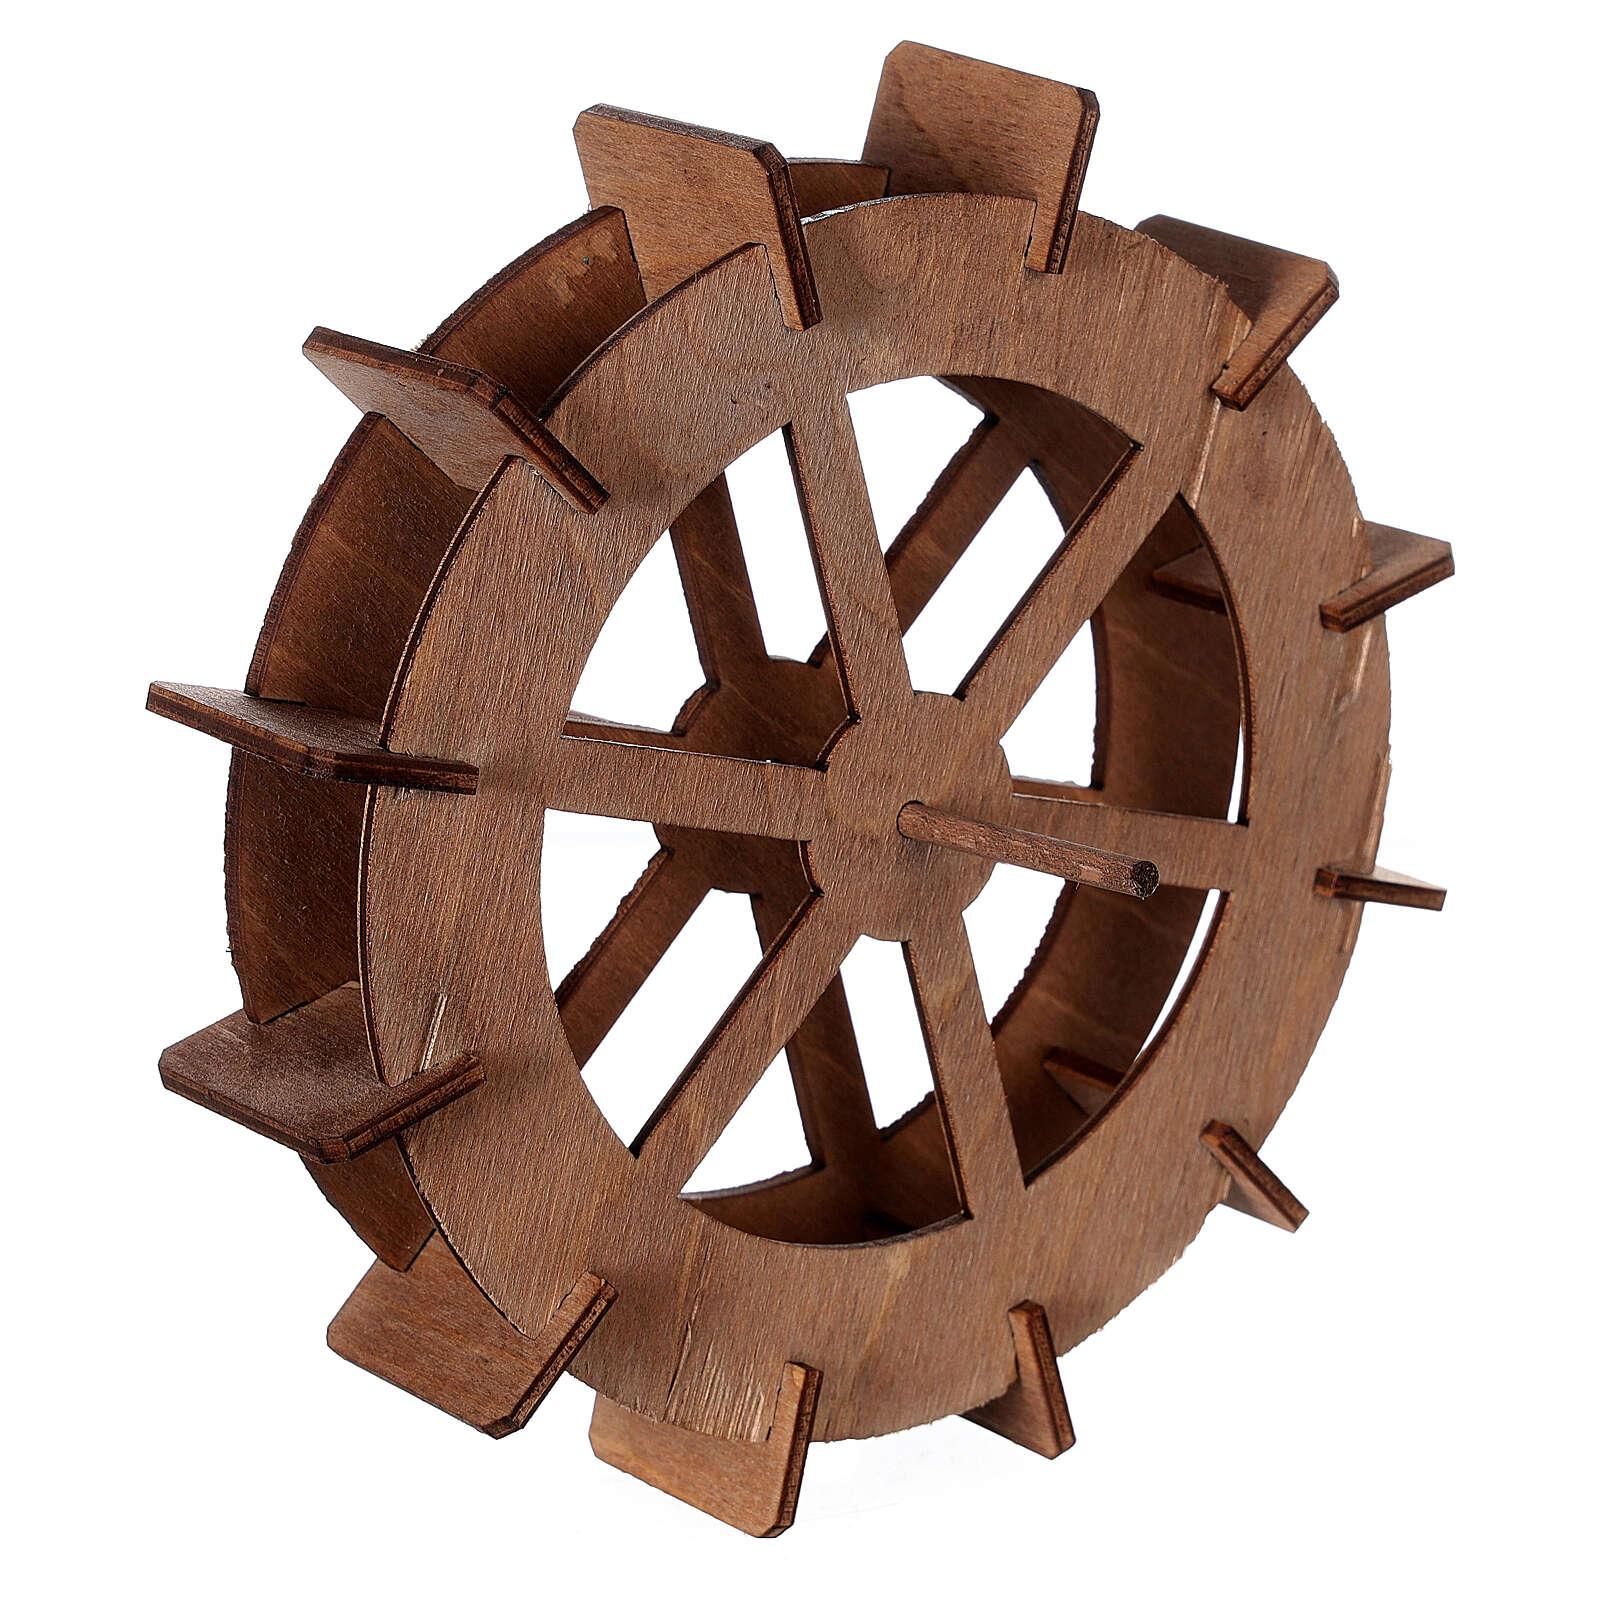 Roue de moulin en bois diam. 15 cm 4